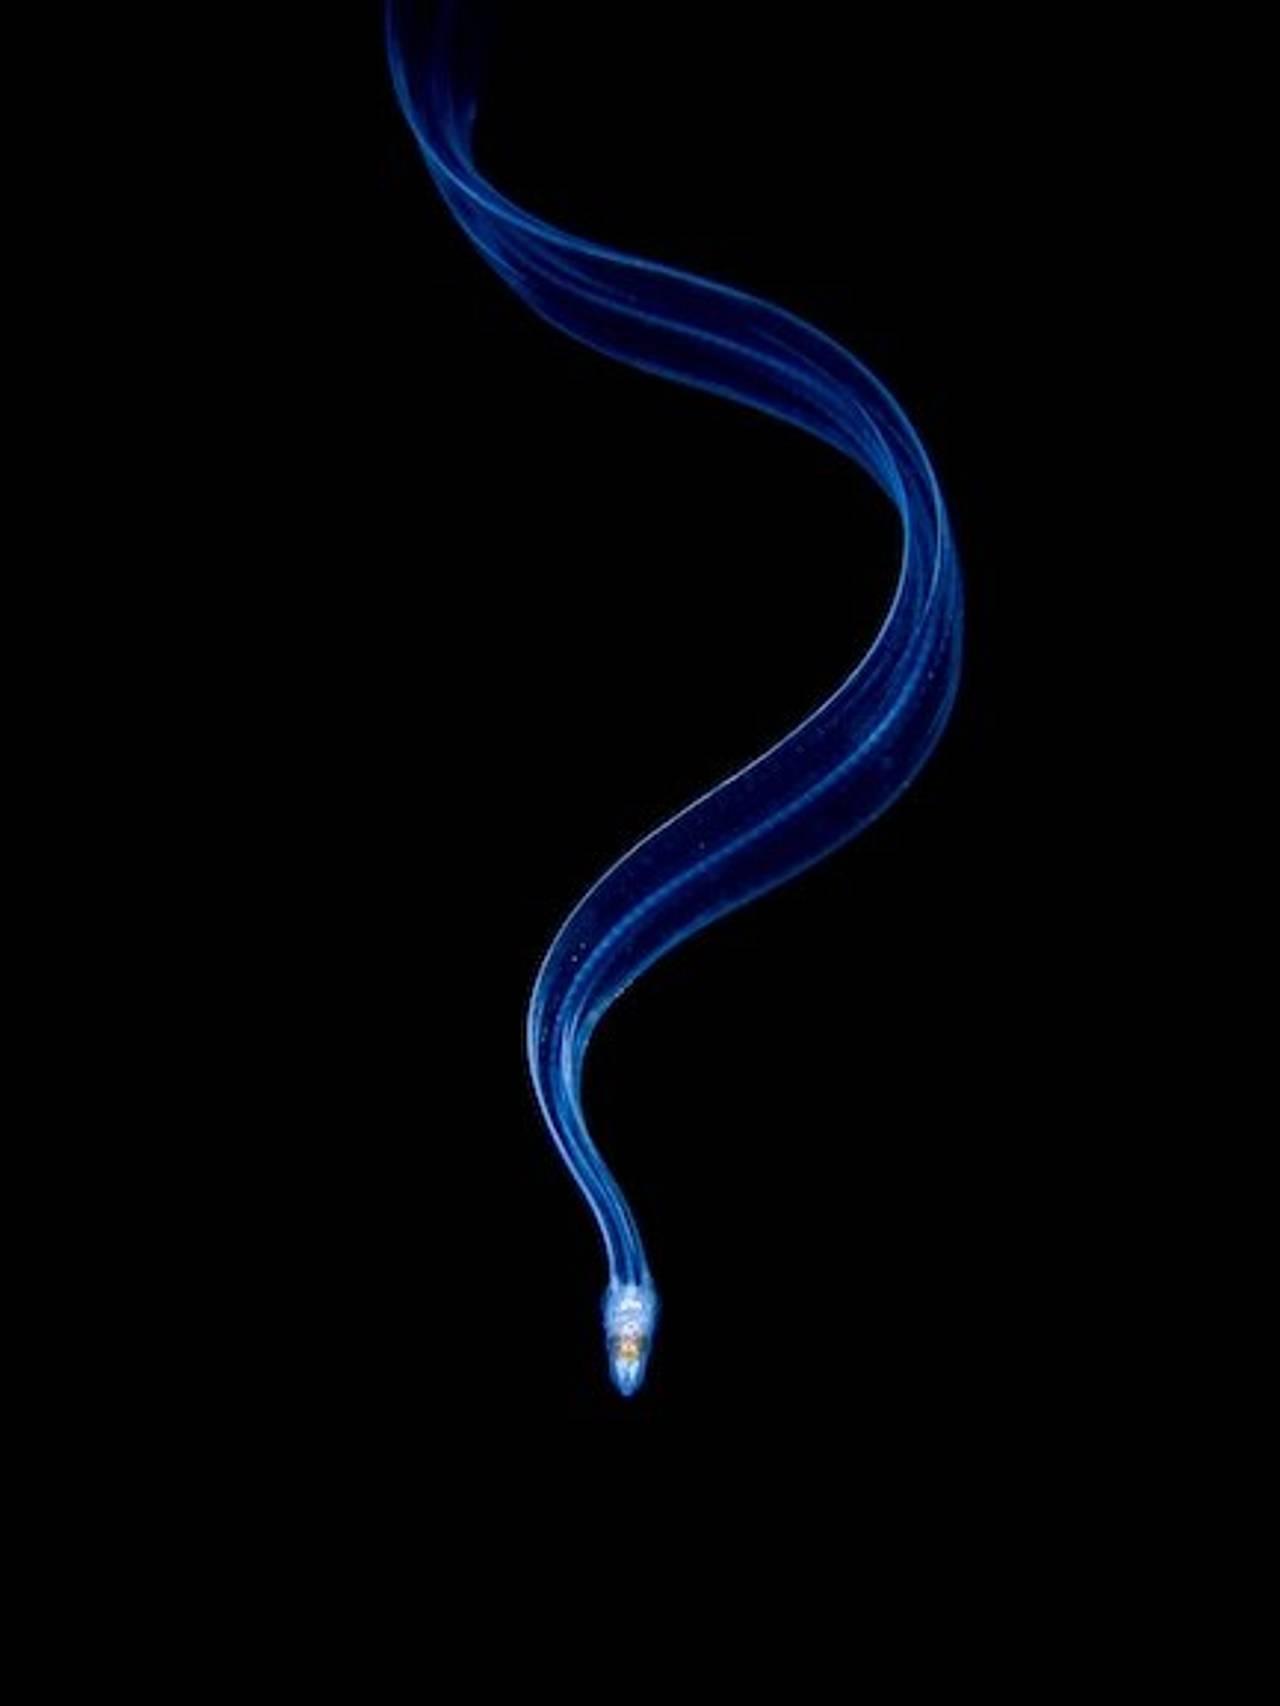 En fisk svømmer nedover.